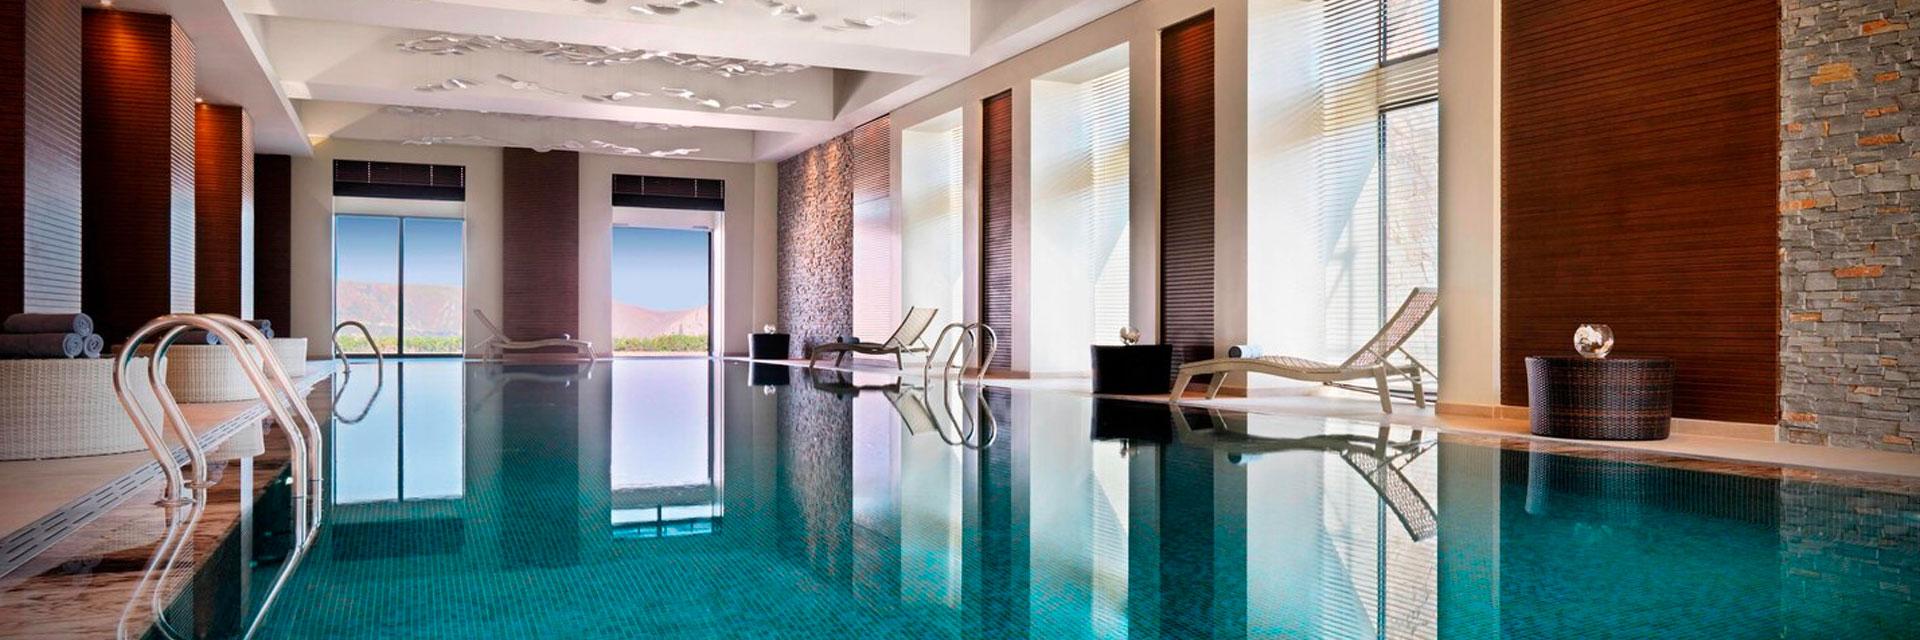 Azerbaijan Hotel Amenities Top